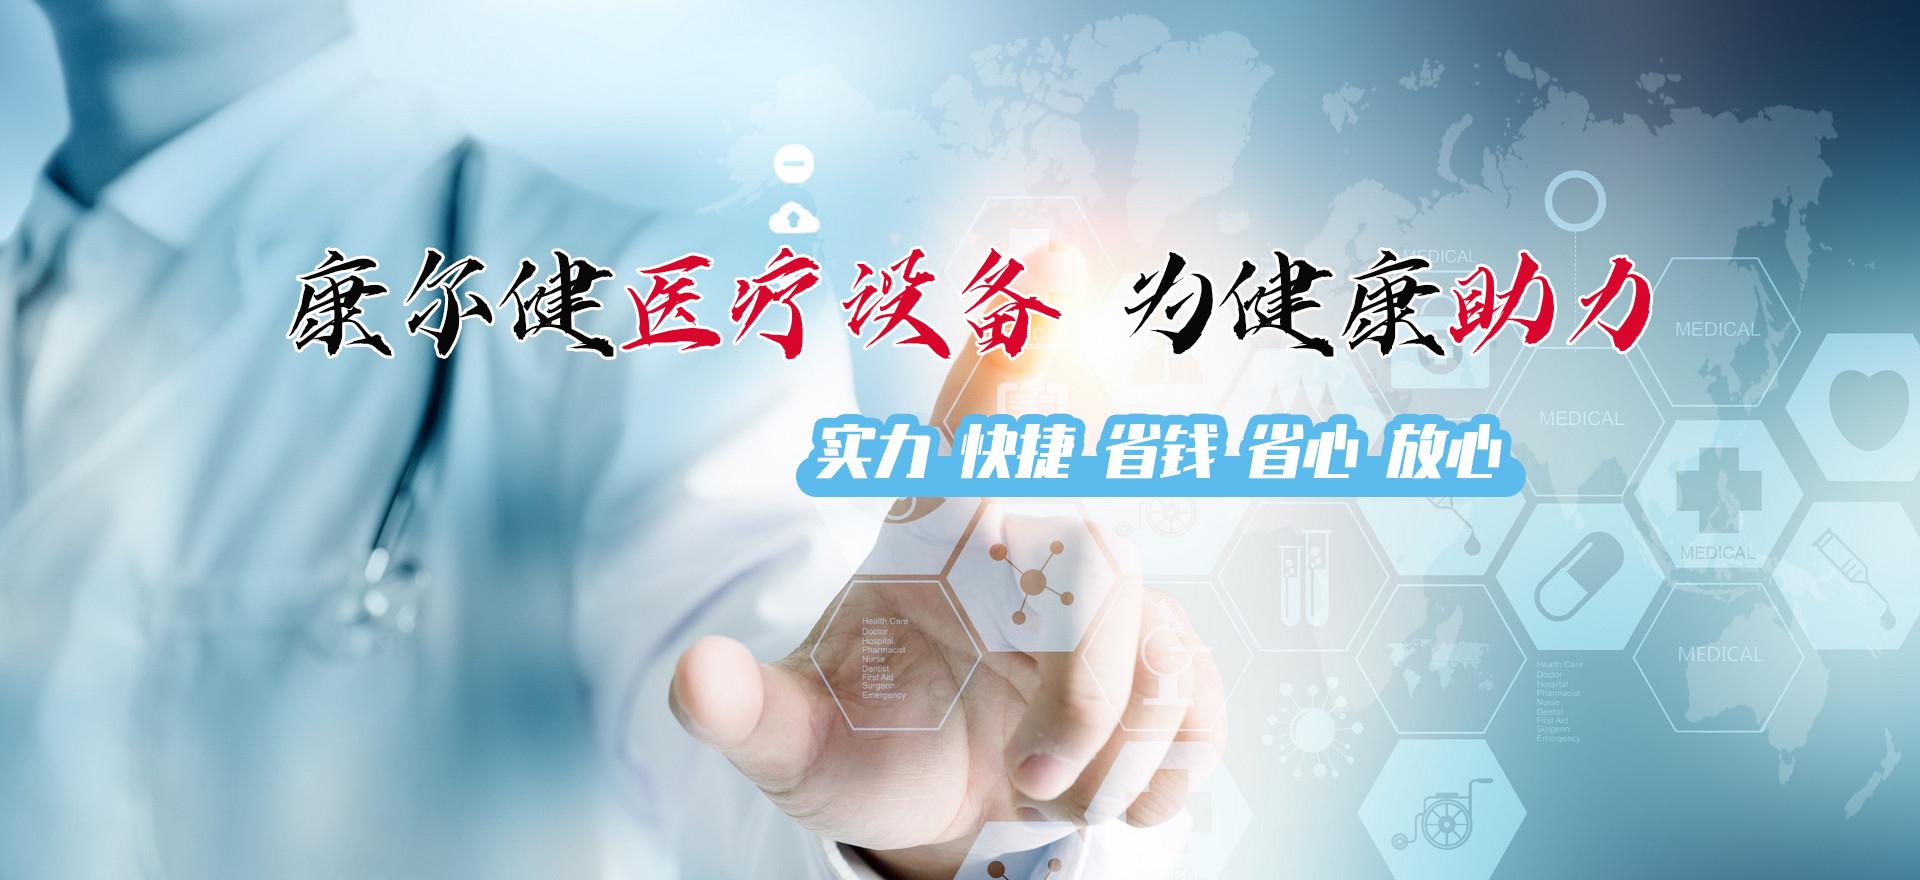 山东曲阜康尔健医疗科技有限公司